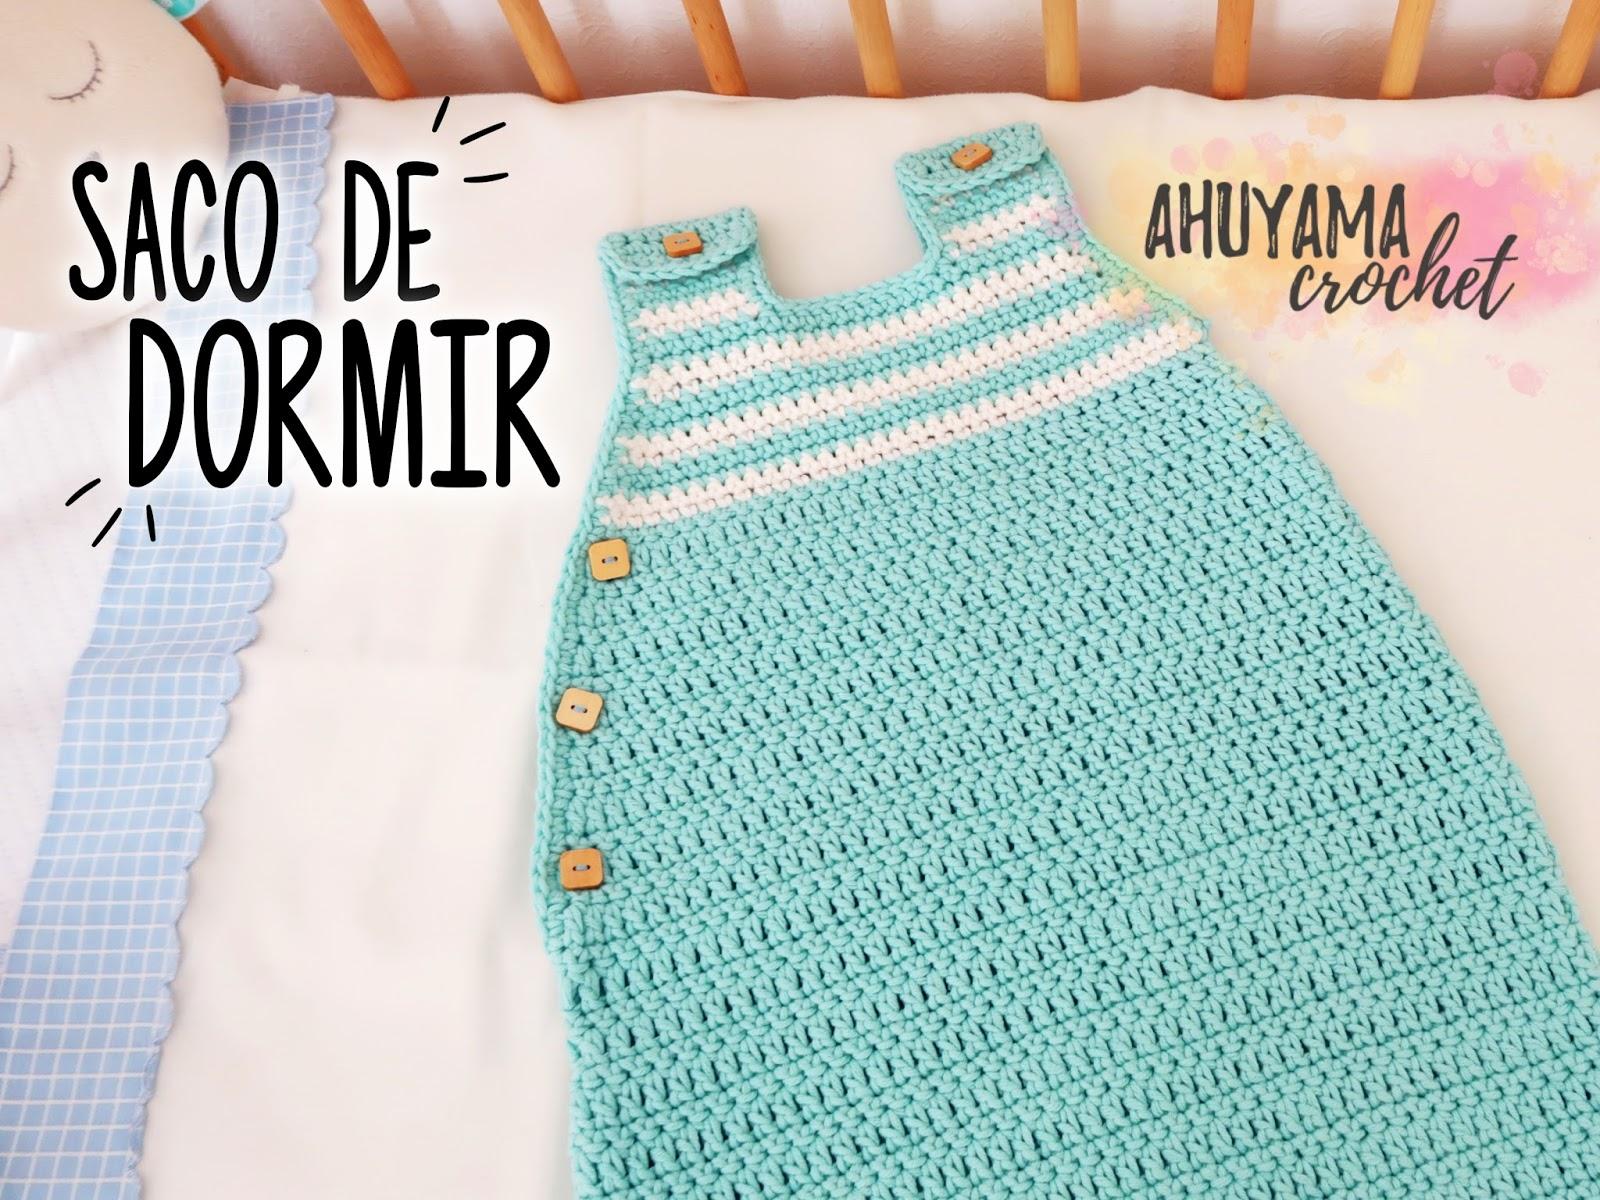 Ahuyama Crochet